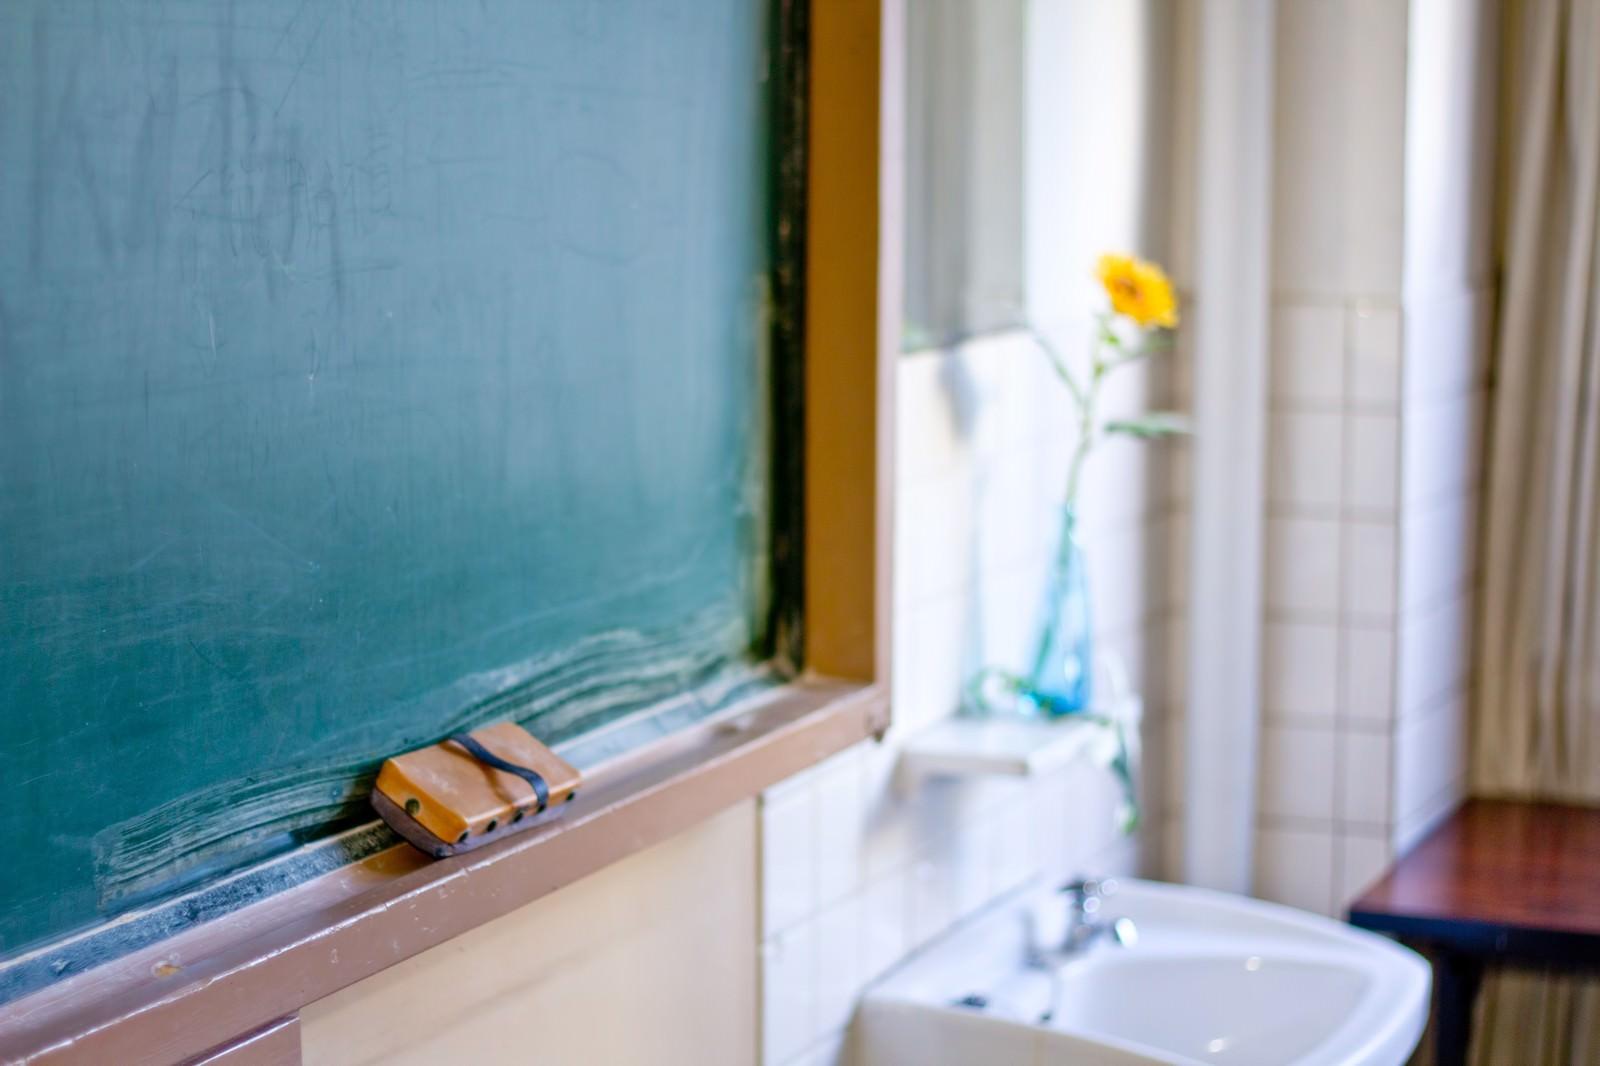 「教室の黒板と花瓶のお花教室の黒板と花瓶のお花」のフリー写真素材を拡大